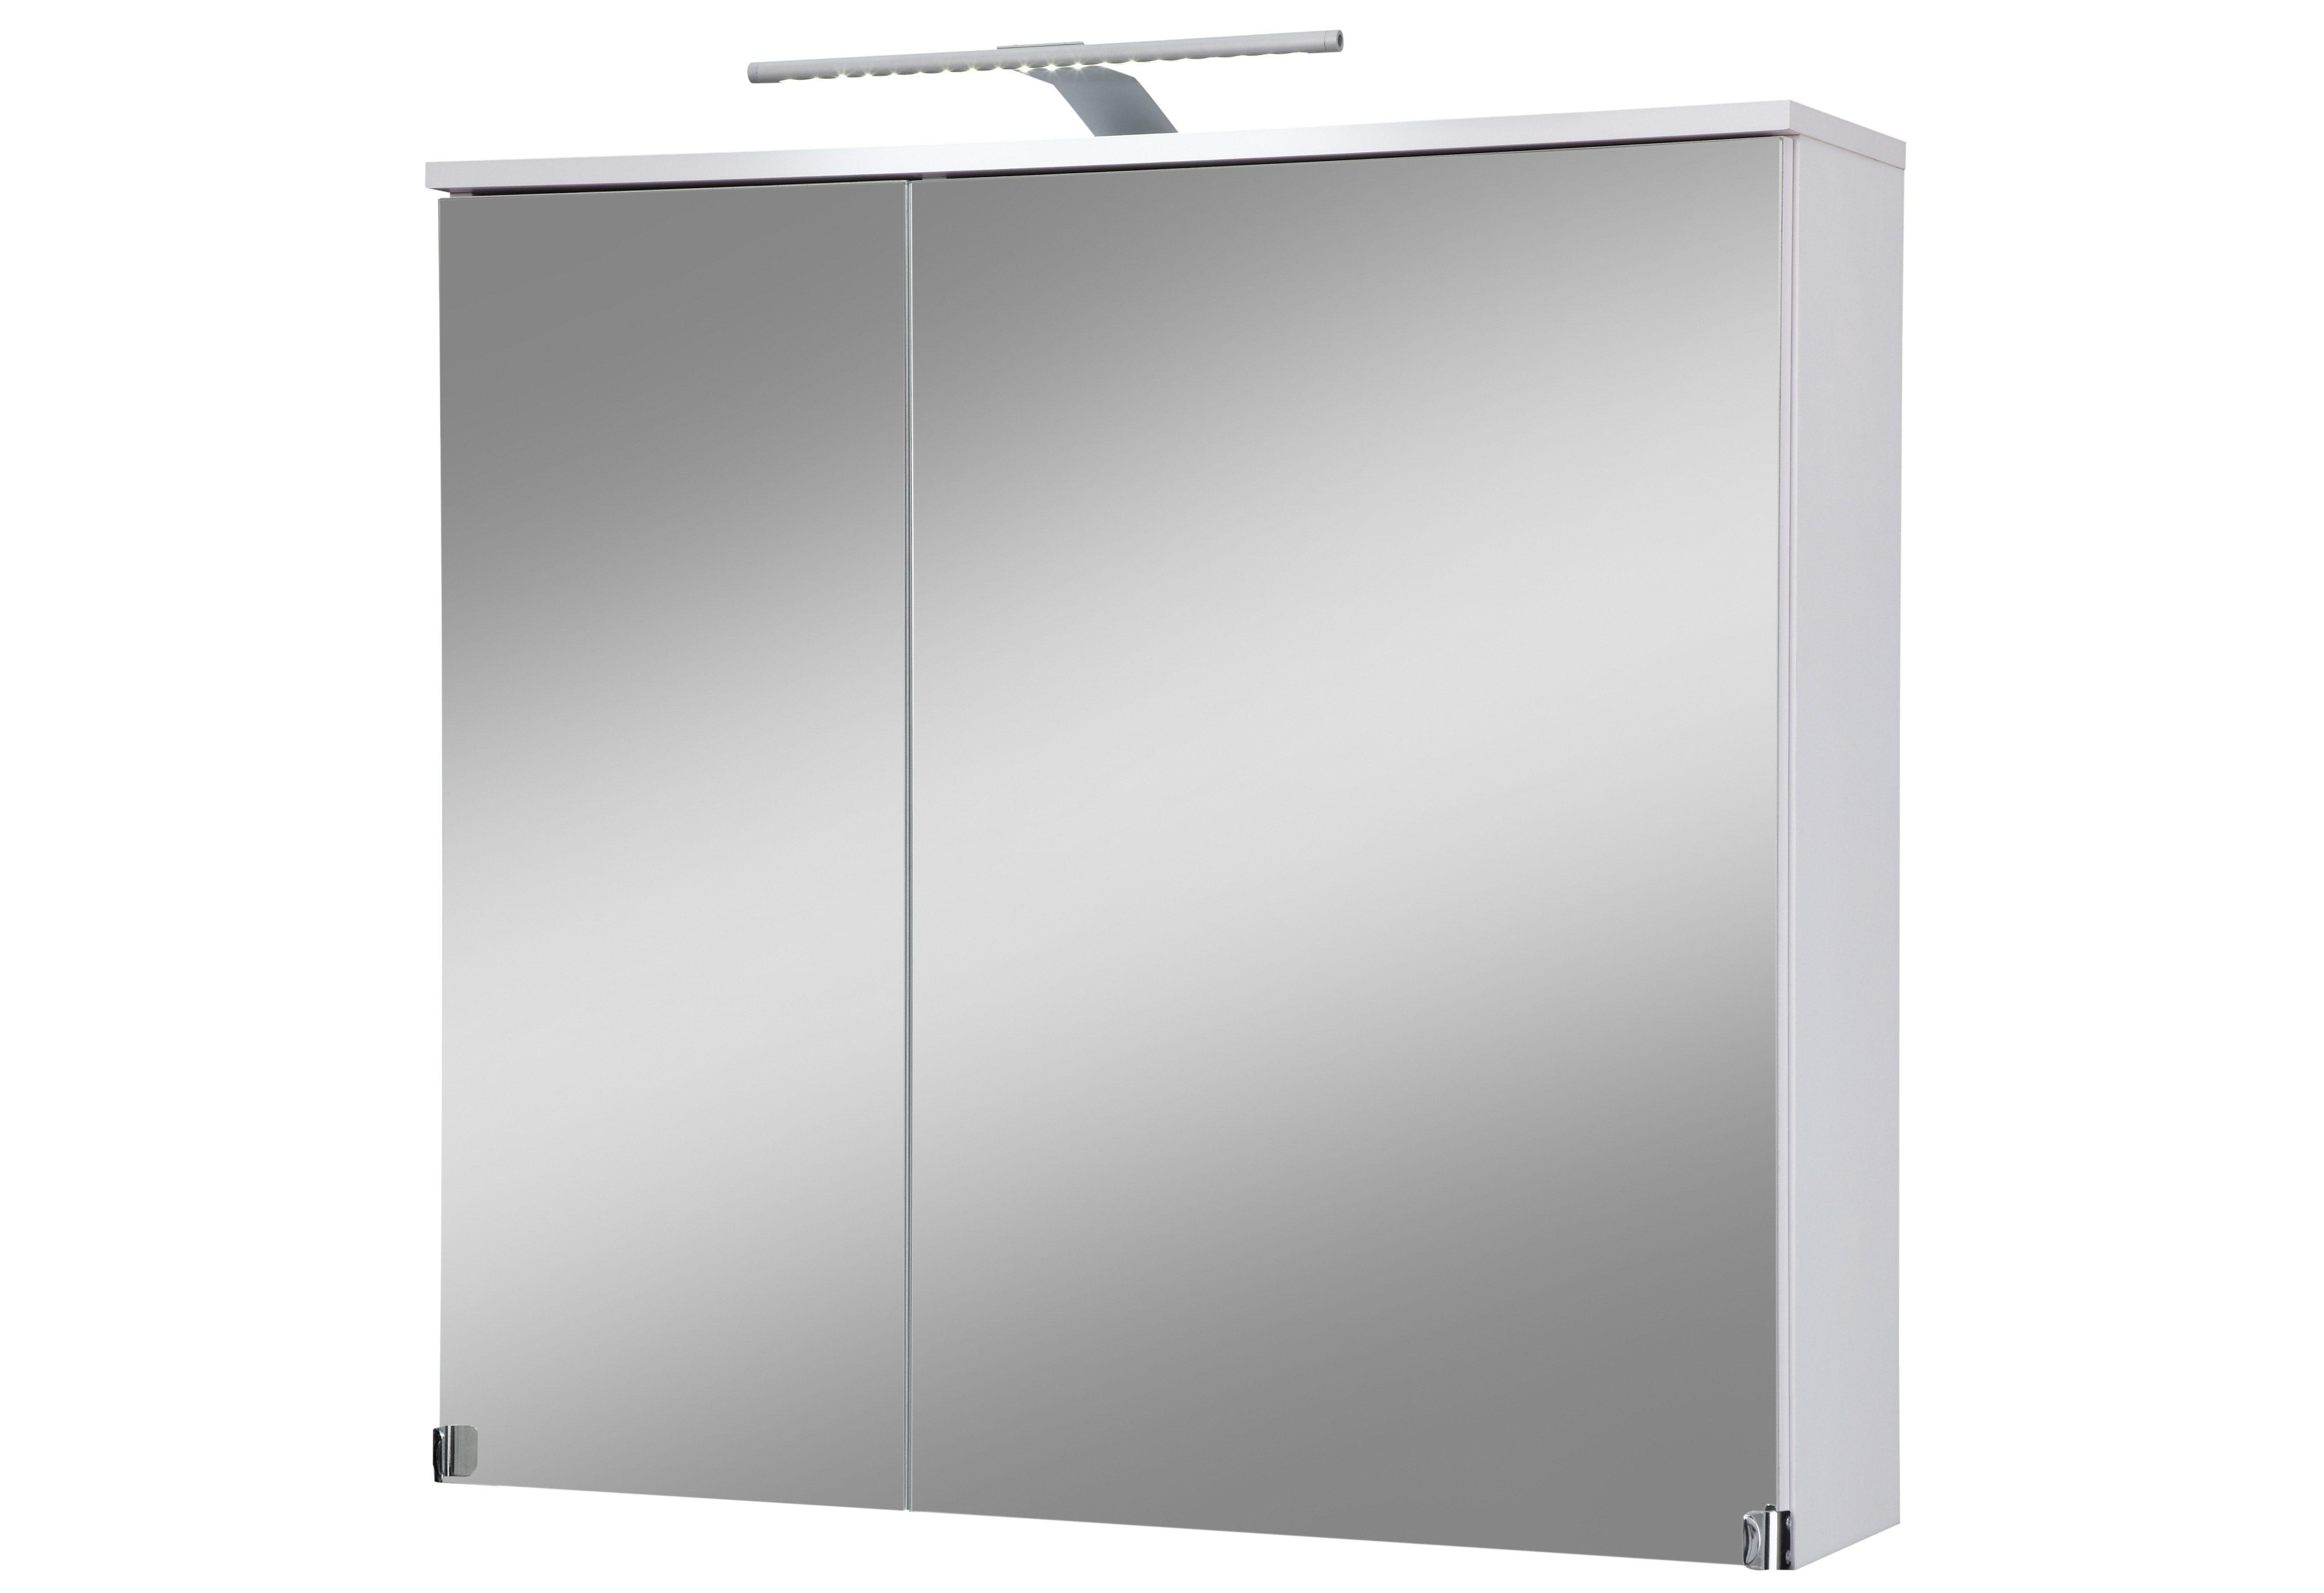 Spiegelschrank »Novara« Breite 80 cm, mit LED-Beleuchtung